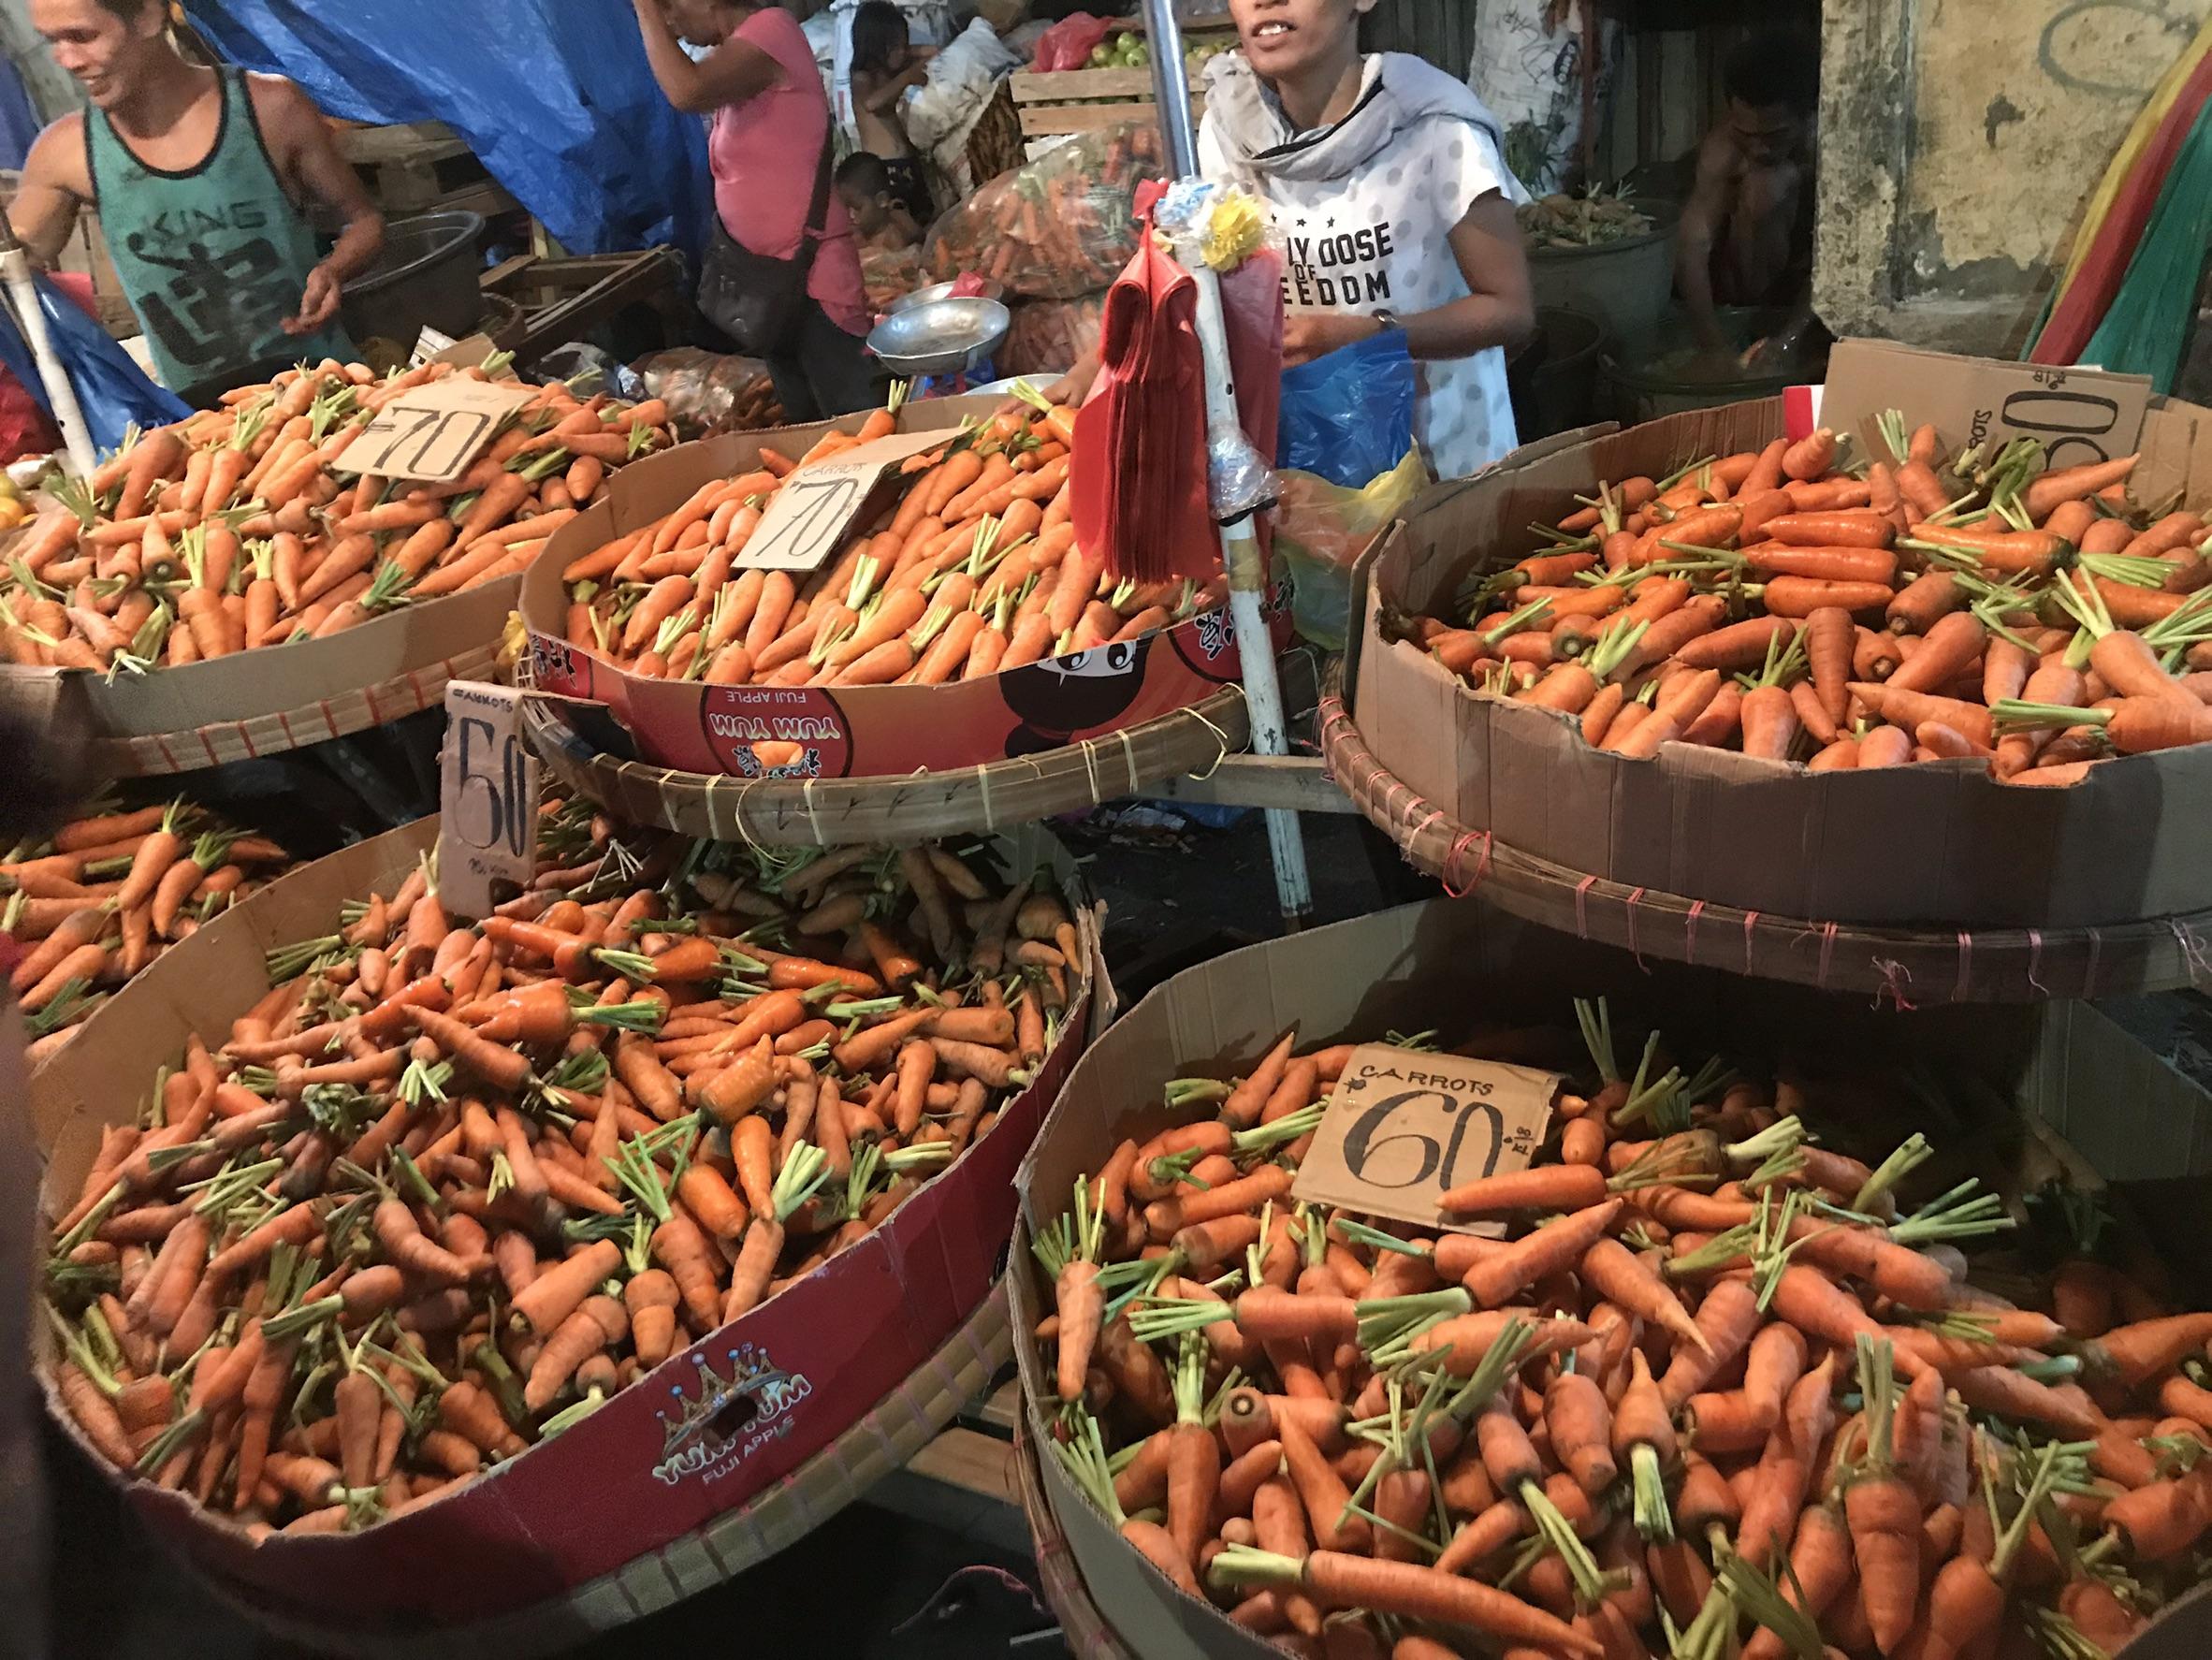 セブシティ最大の市場「カルボンマーケット」へ行ってきました!